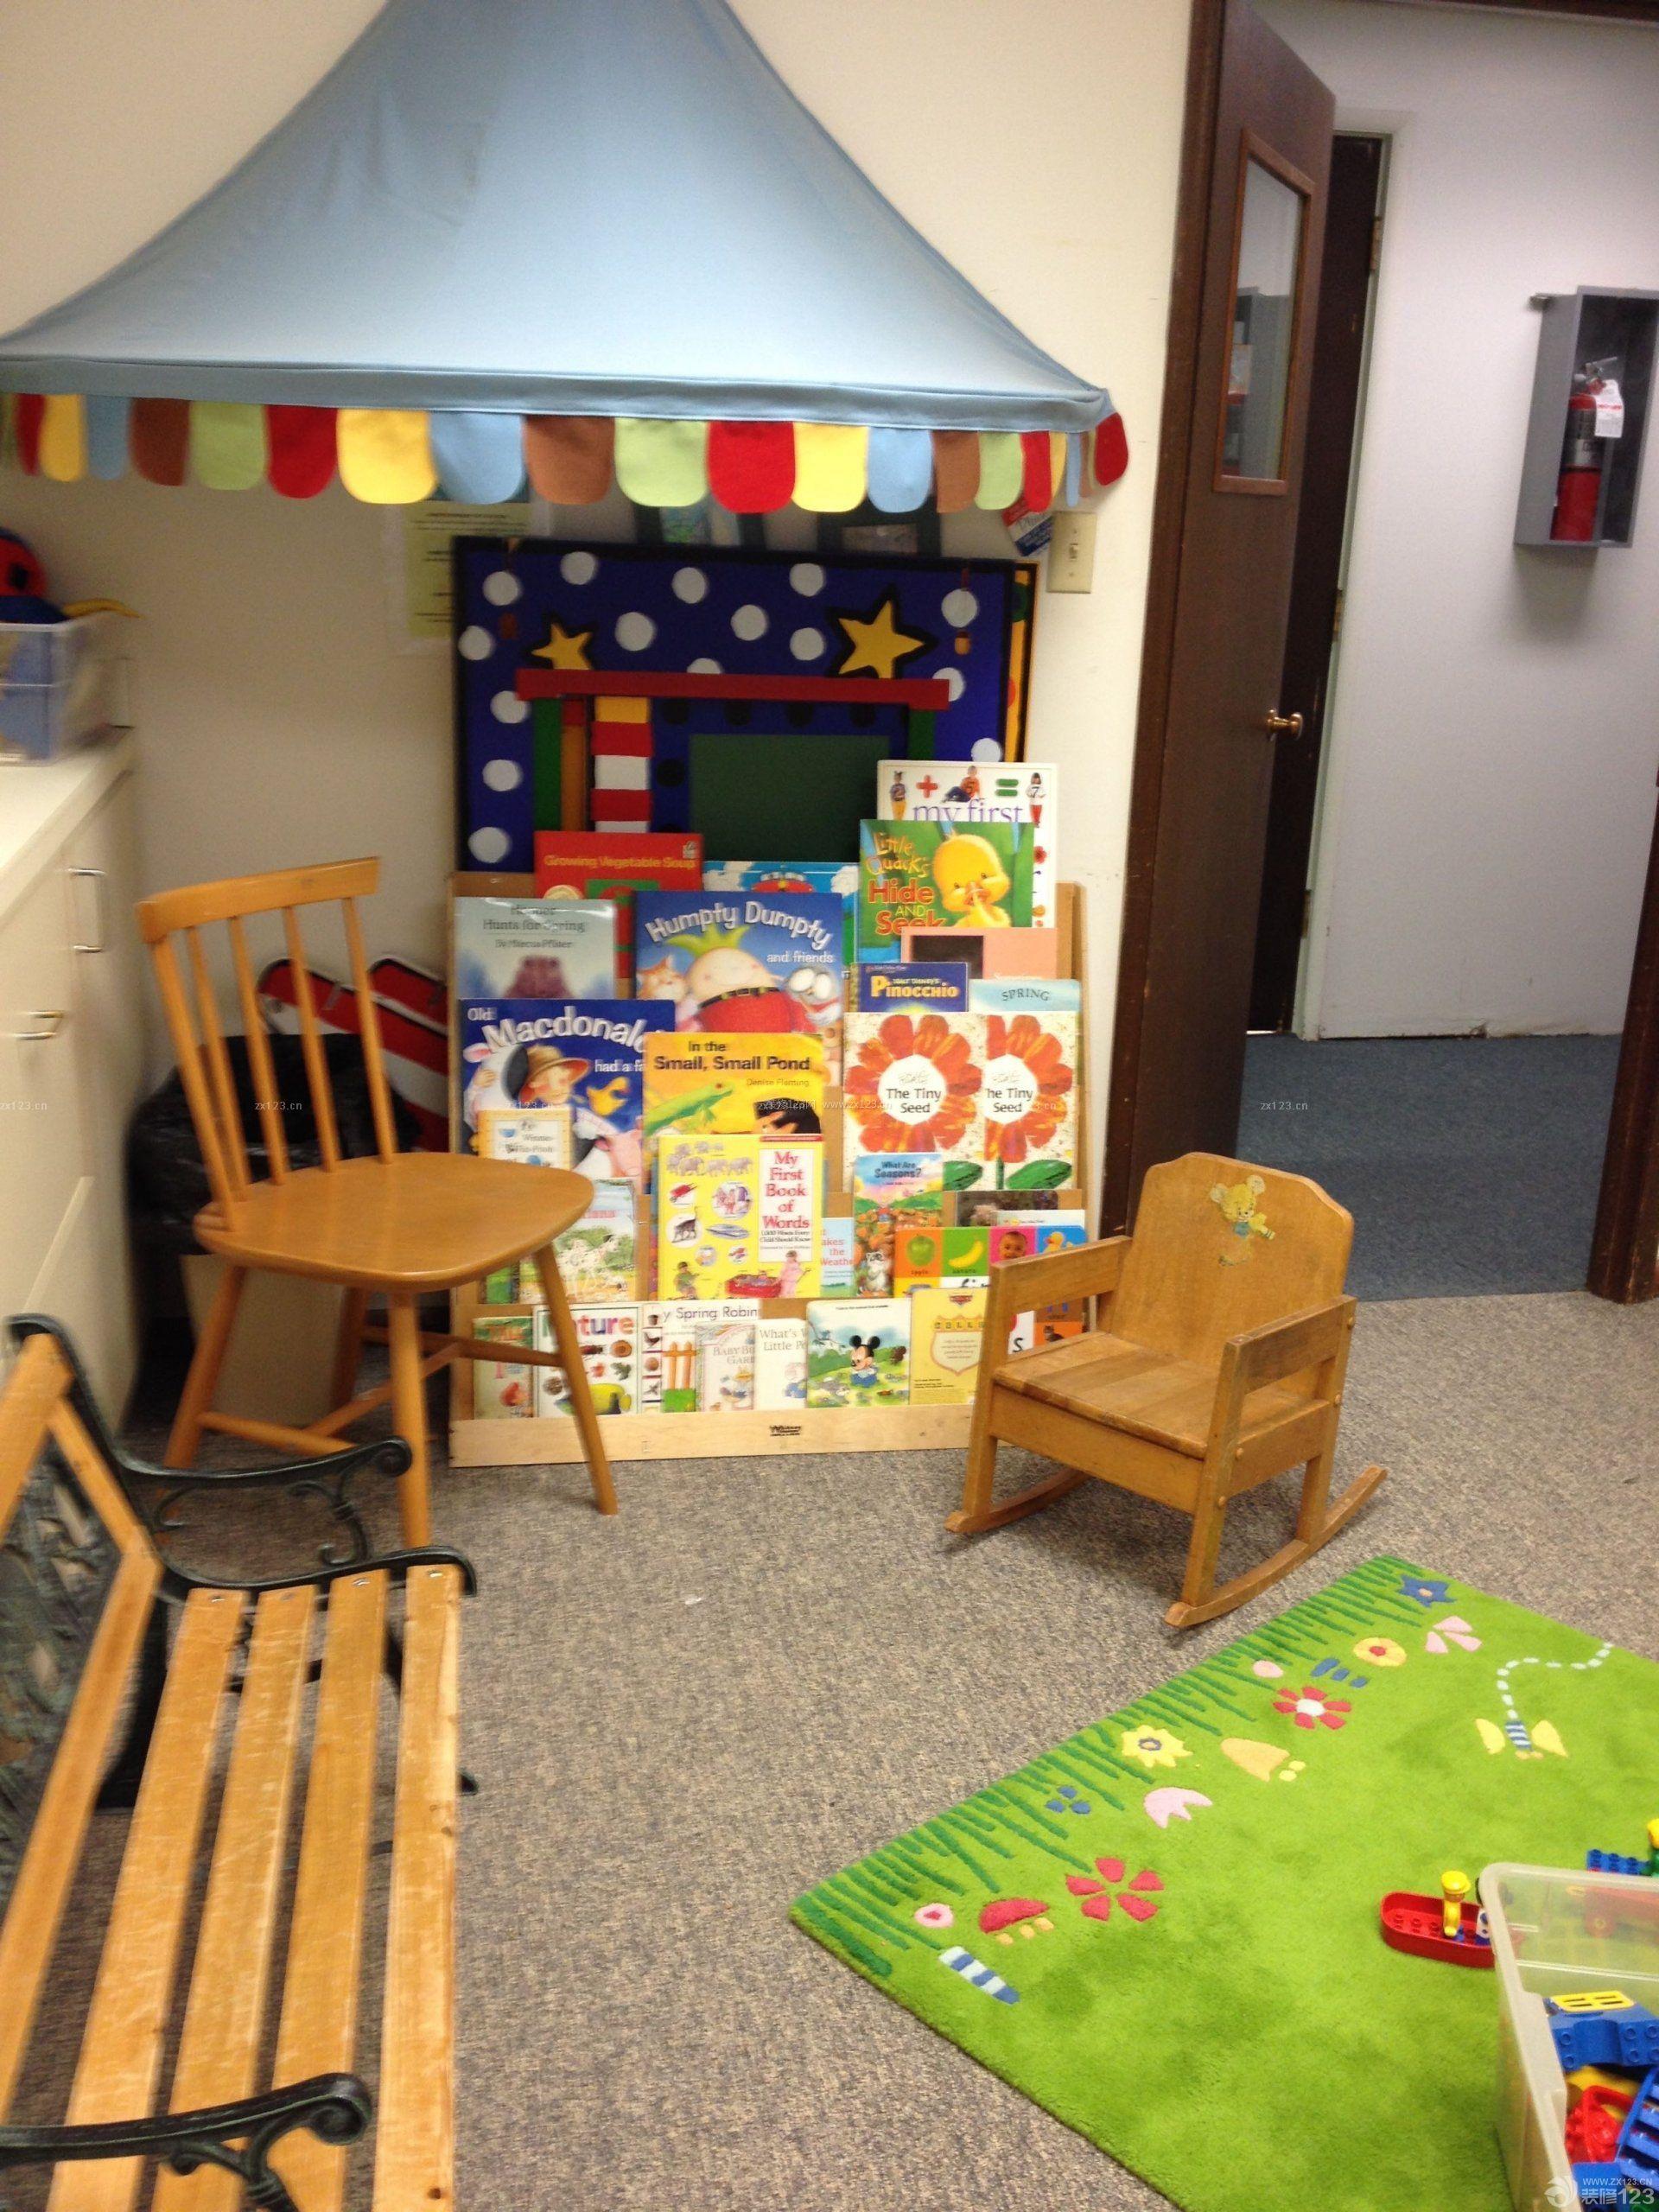 美式幼儿园室内装饰设计效果图图片大全